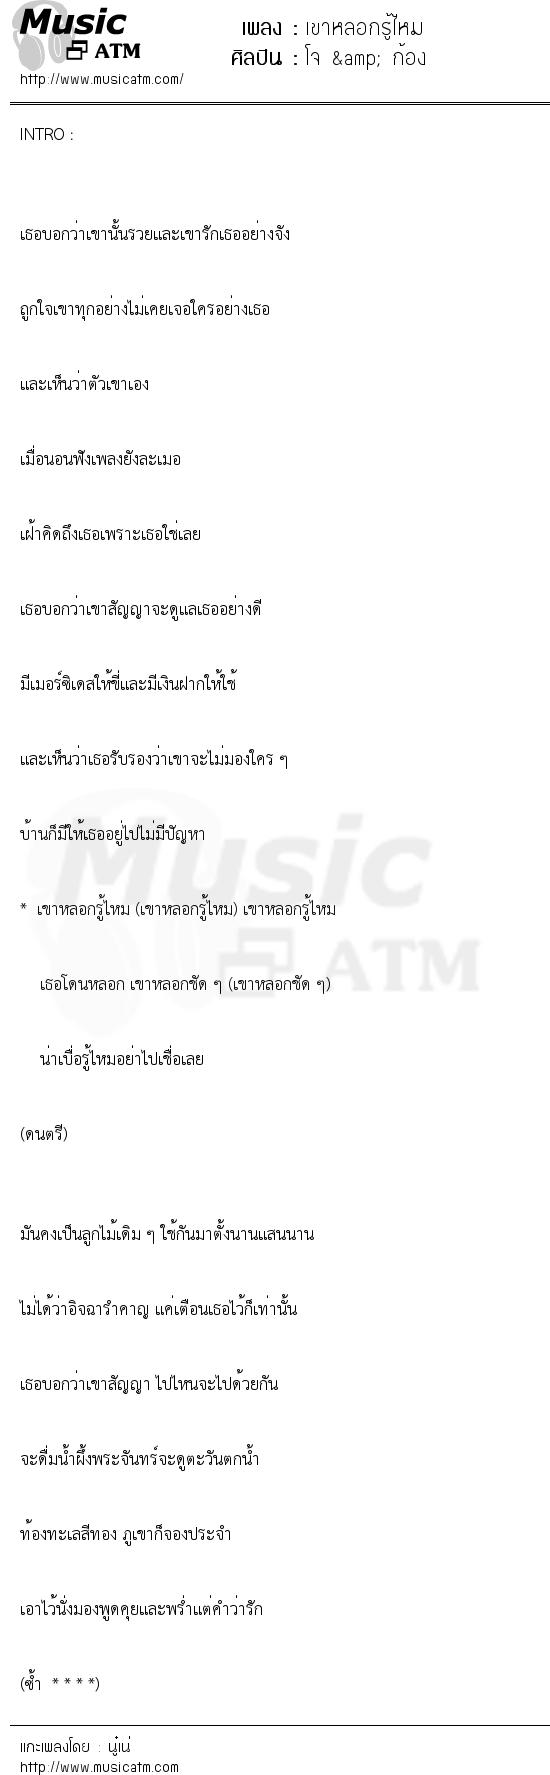 เนื้อเพลง เขาหลอกรู้ไหม - โจ & ก้อง   เพลงไทย